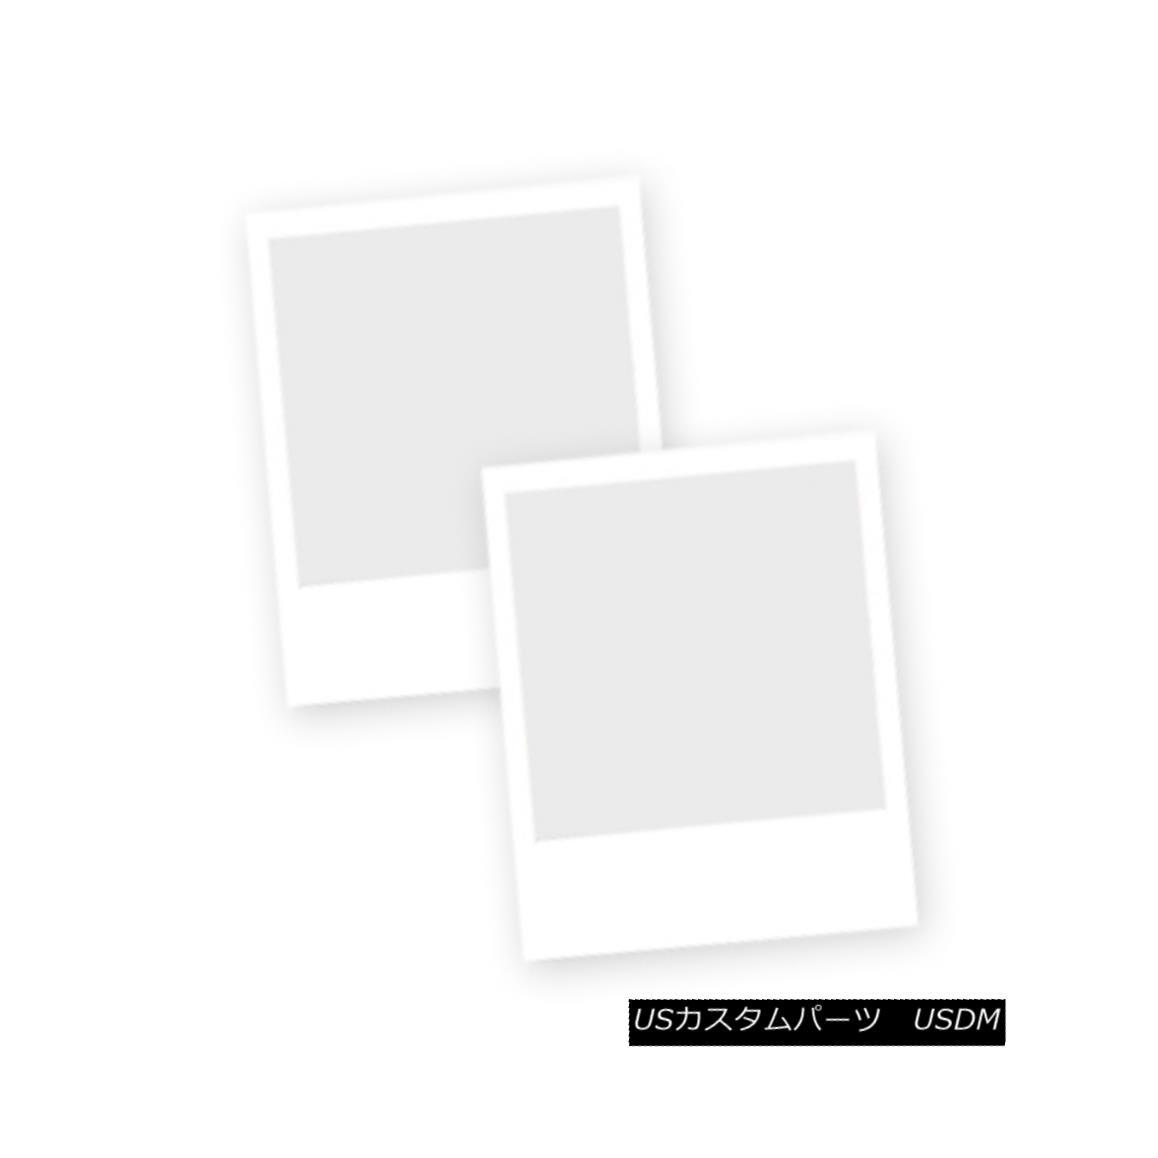 グリル Fits 2014-2016 Kia Cadenza CNC Perimeter Grille Insert Combo 2014-2016 Kia Cadenza CNCペリメーターグリルインサートコンボ